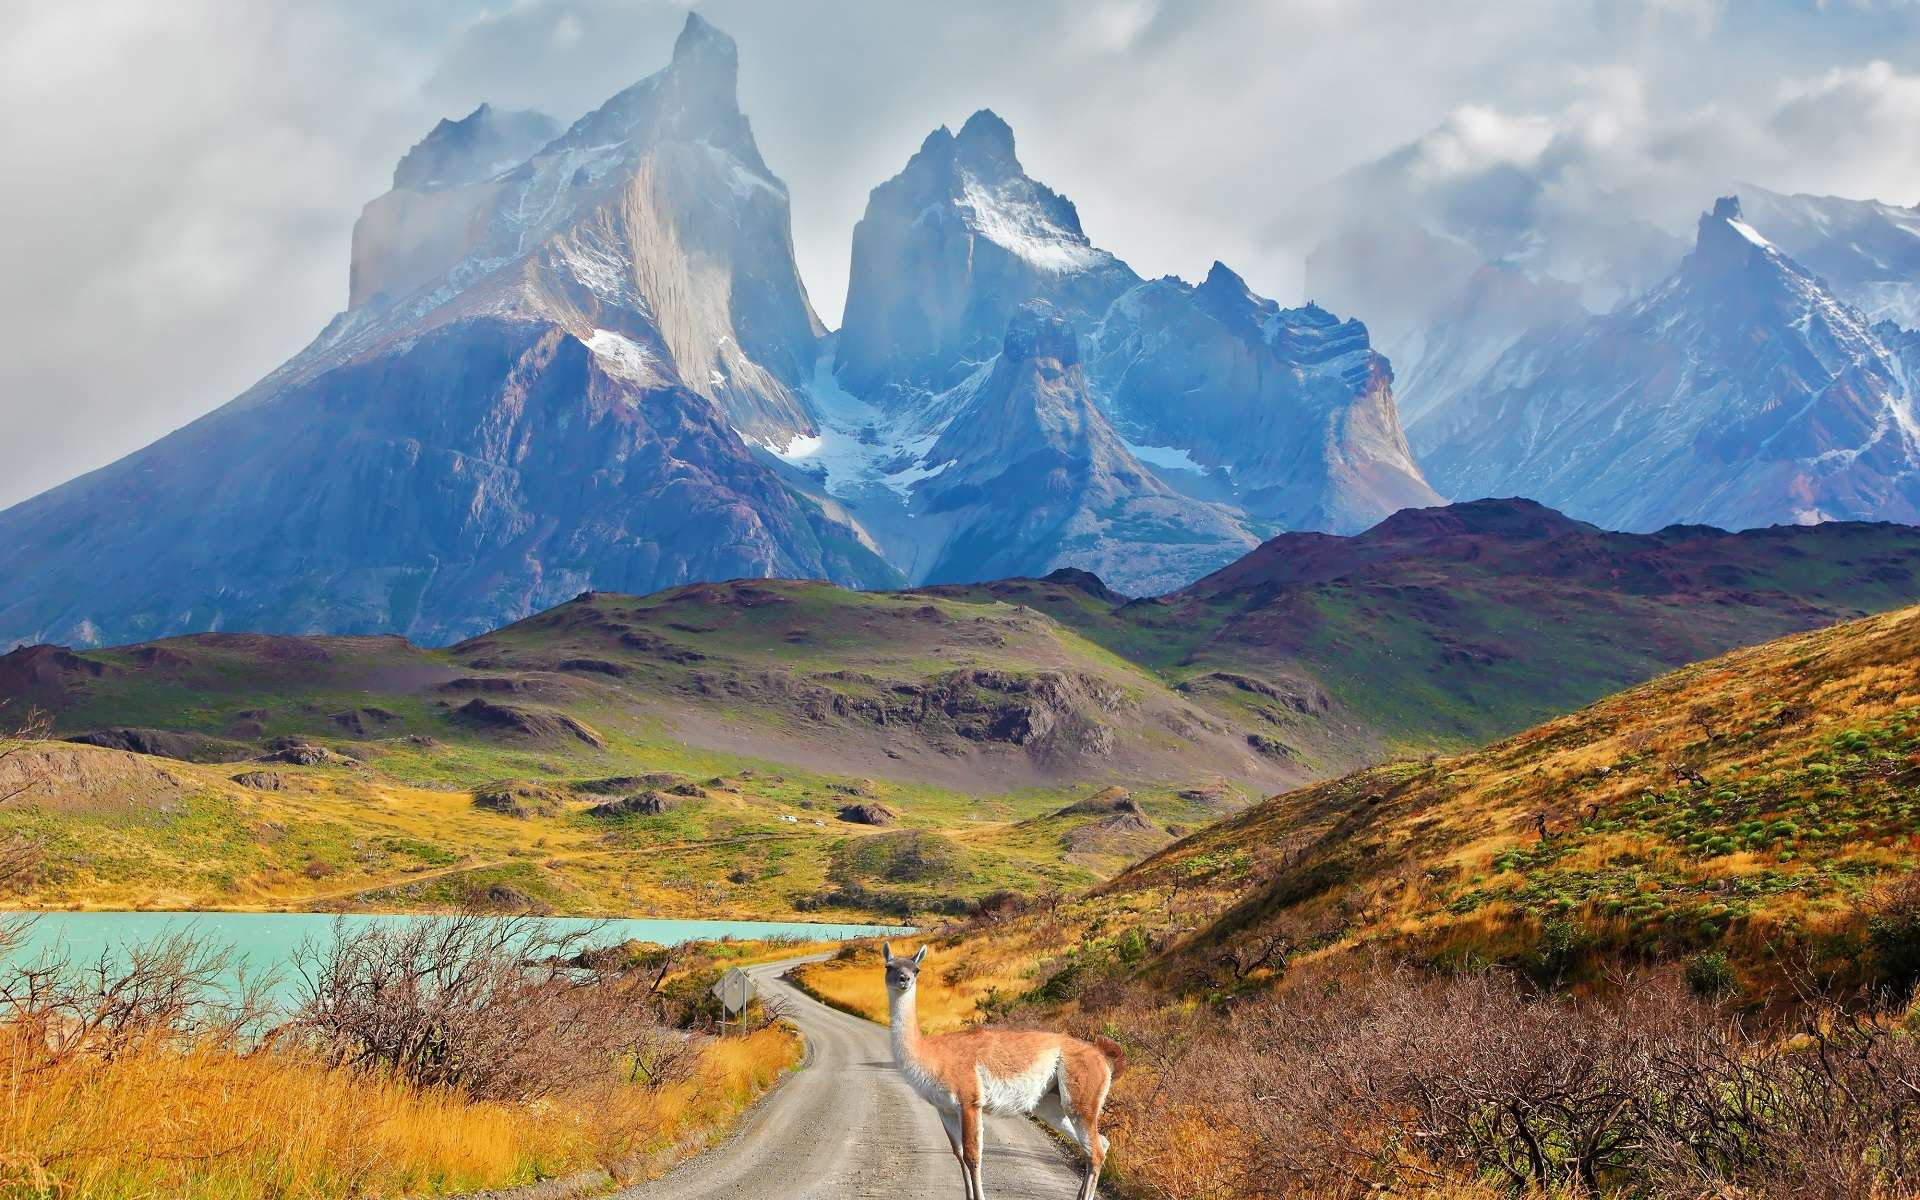 Les pics de Los Kuernons, au-dessus du lac Pehoé, au sud du Chili. Dans cette étude, les personnes vivant le plus au sud du Chili, les plus éloignées de l'équateur, semblaient plus enclines à l'hypertension. © kavram, Shutterstock